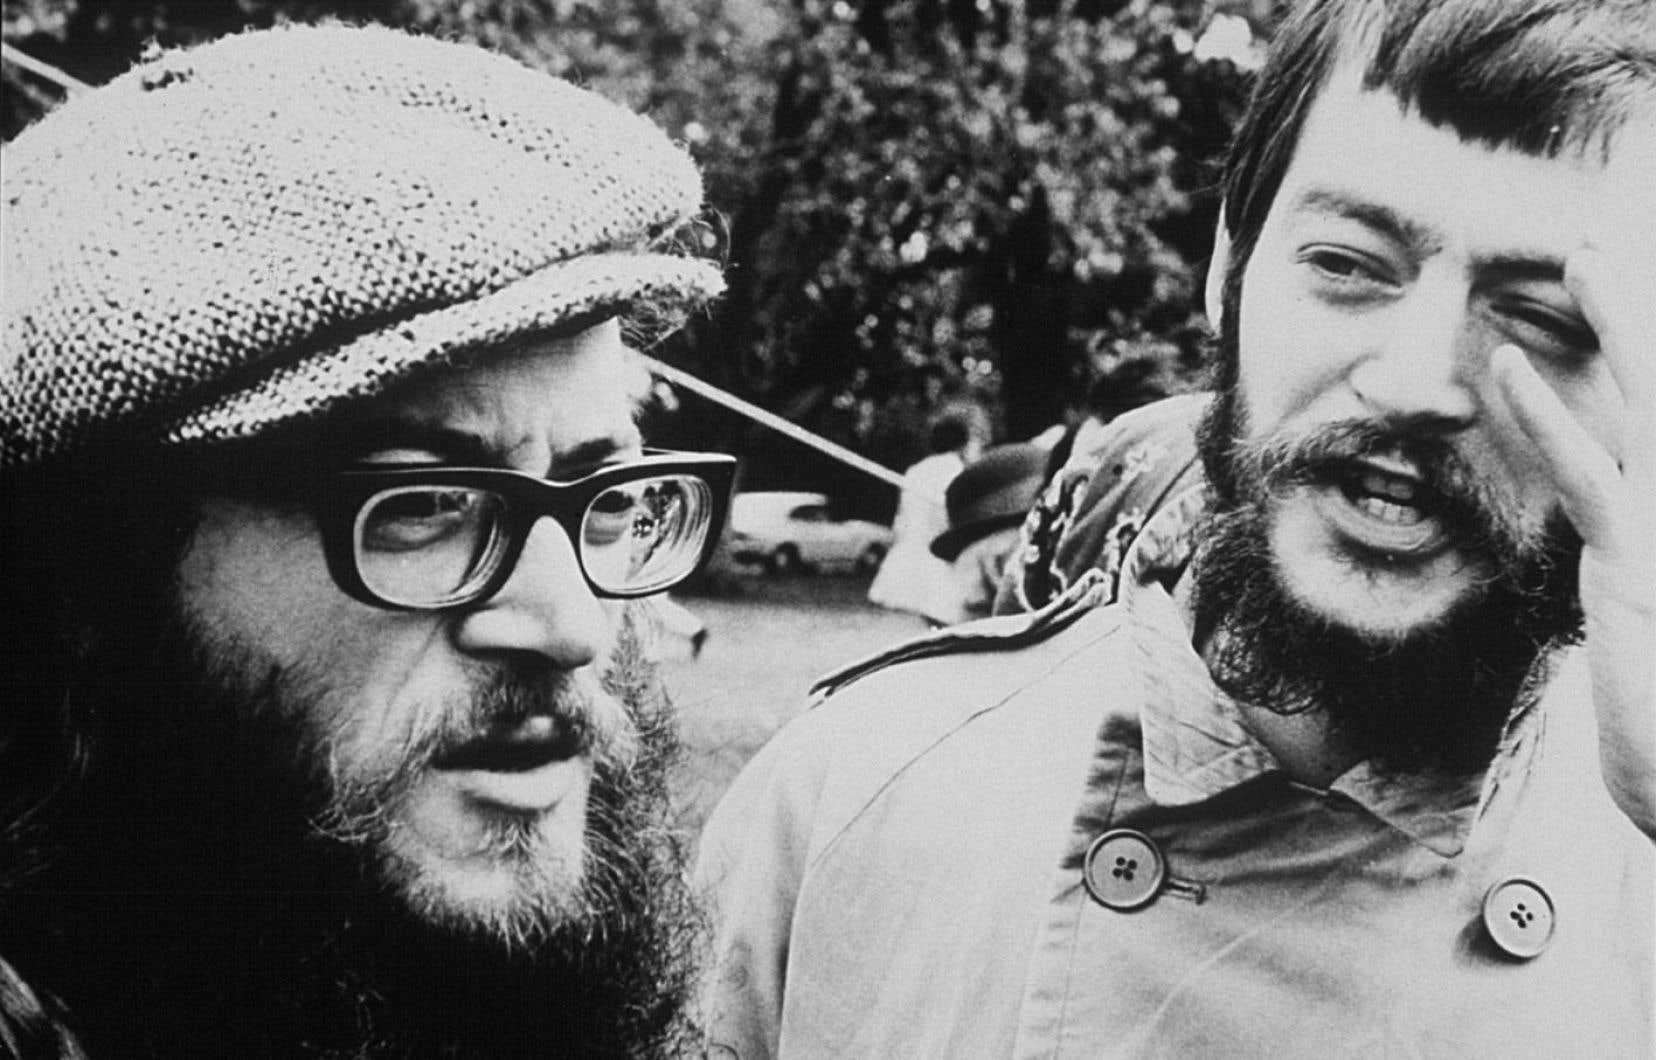 Raôul Duguay et Walter Boudreau ont formé Infonie, un groupe issu de la contre-culture.